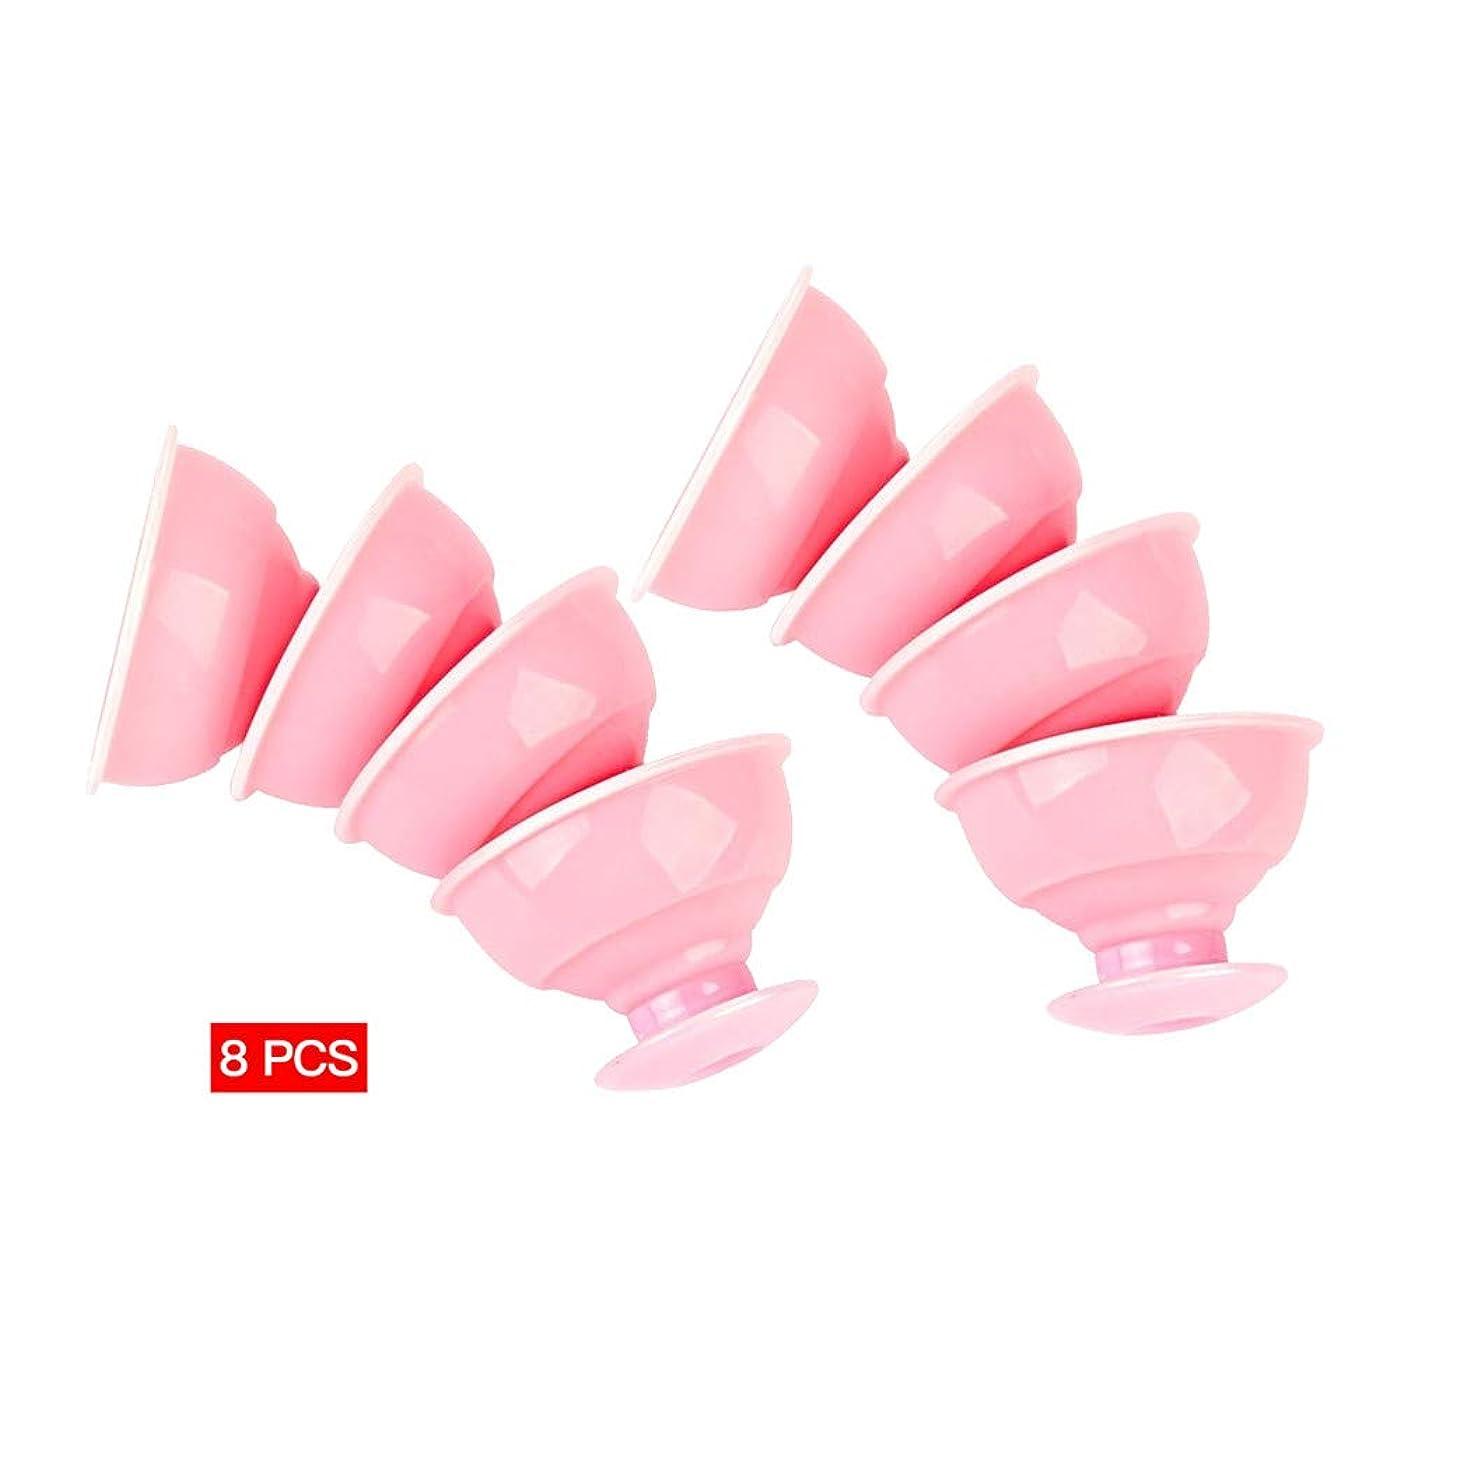 接続詞曖昧な同化シリコン製 吸い玉 カッピング セット 水洗いOK リラックス 血行促進 65×45×48mm 8個セット ピンク